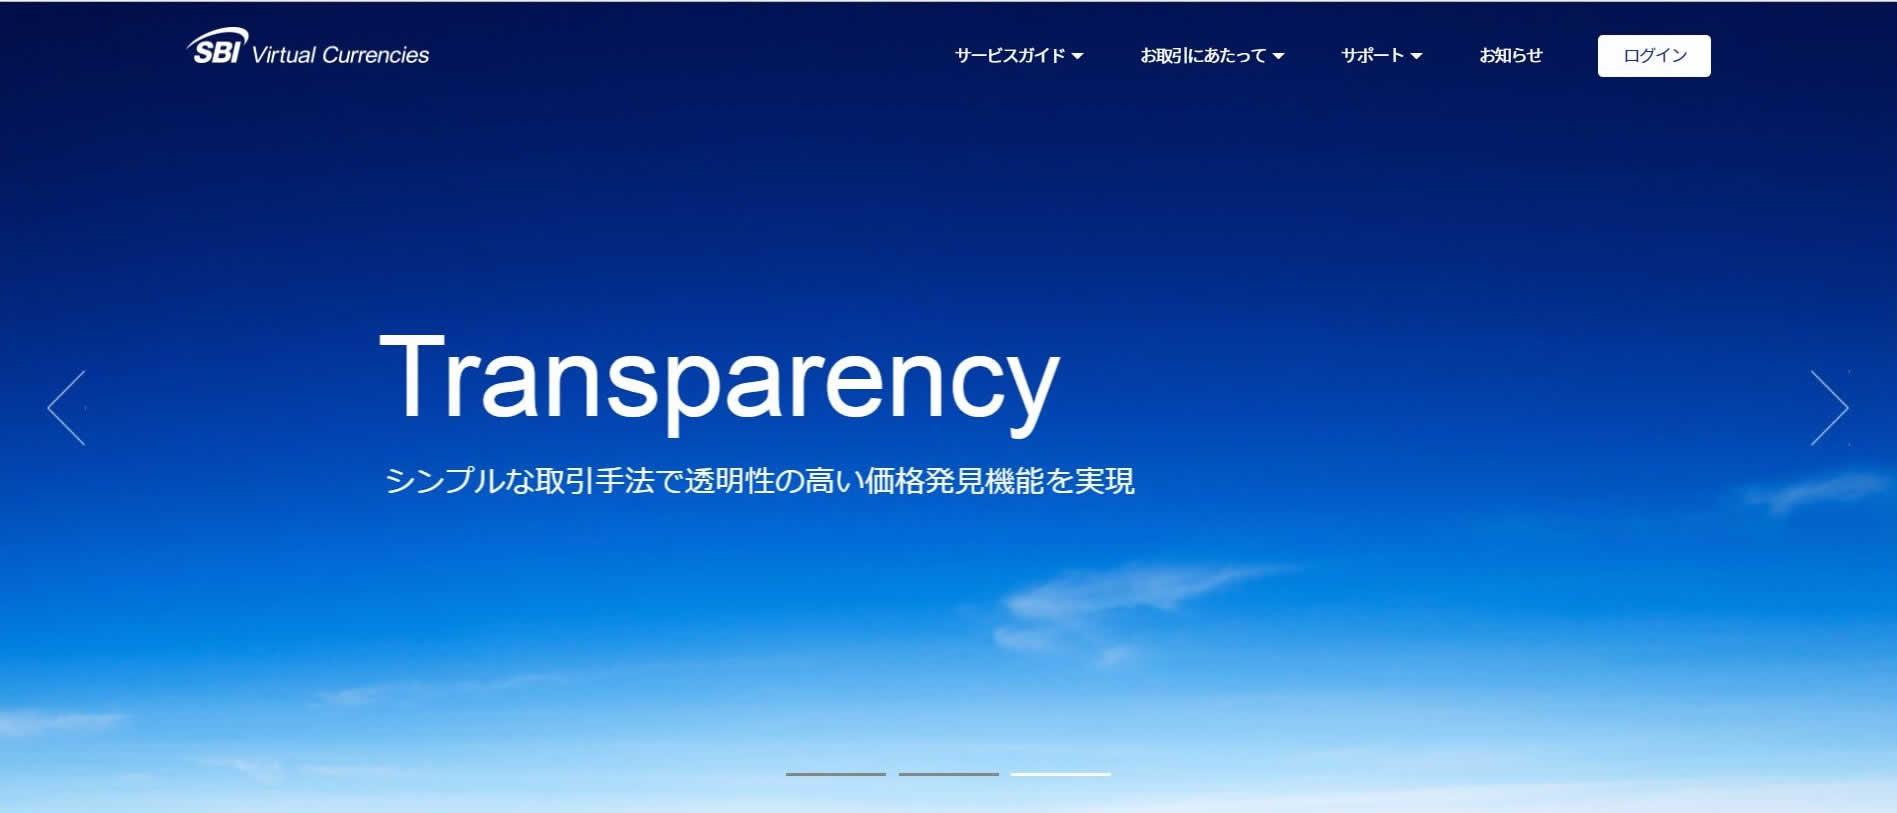 SBIの仮想通貨取引所「VCTRADE」の特徴は?取り扱い通貨や登録方法を解説!